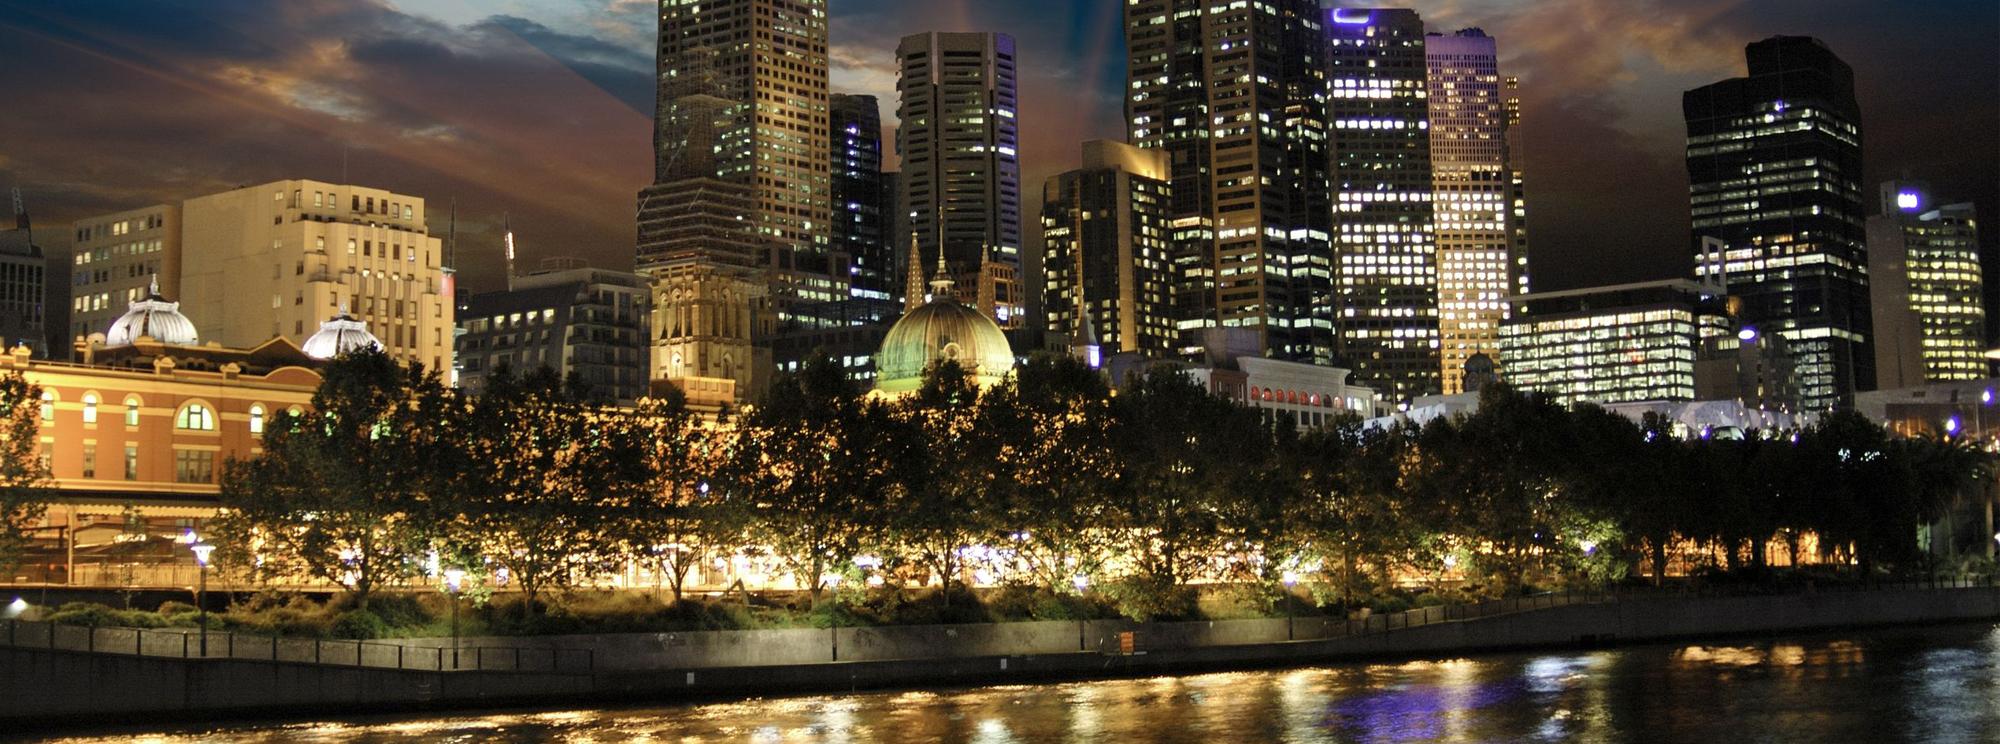 Melbourne_city